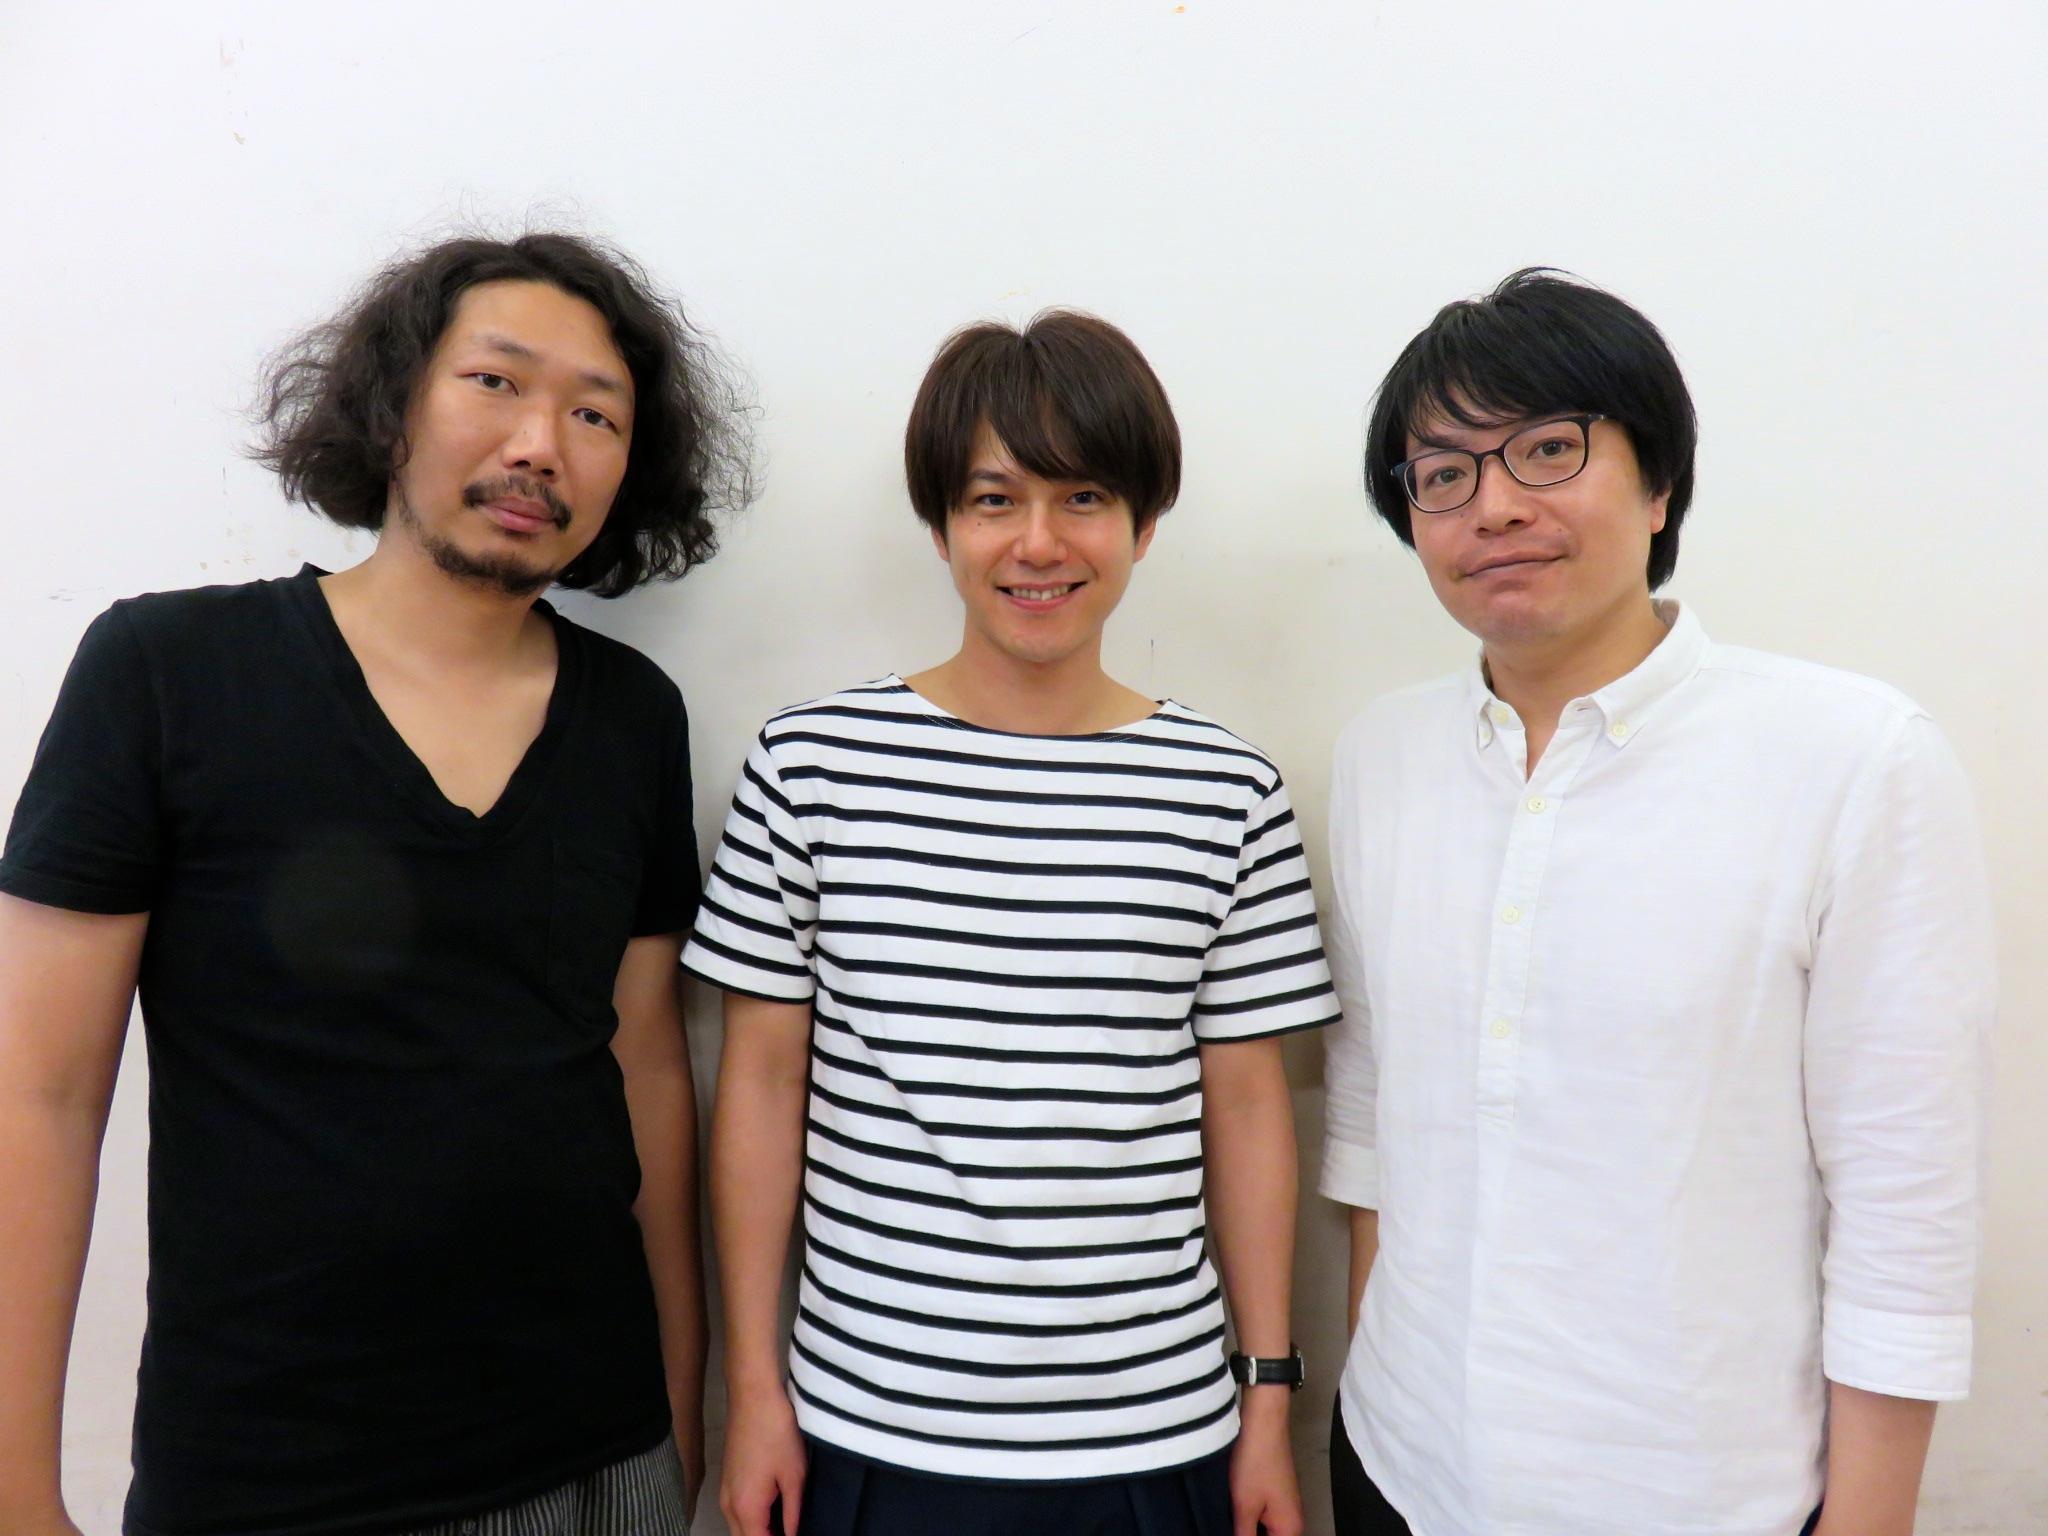 http://news.yoshimoto.co.jp/20171013144850-8e6f95e70ecd898573efb9d92402d99f195c7048.jpg